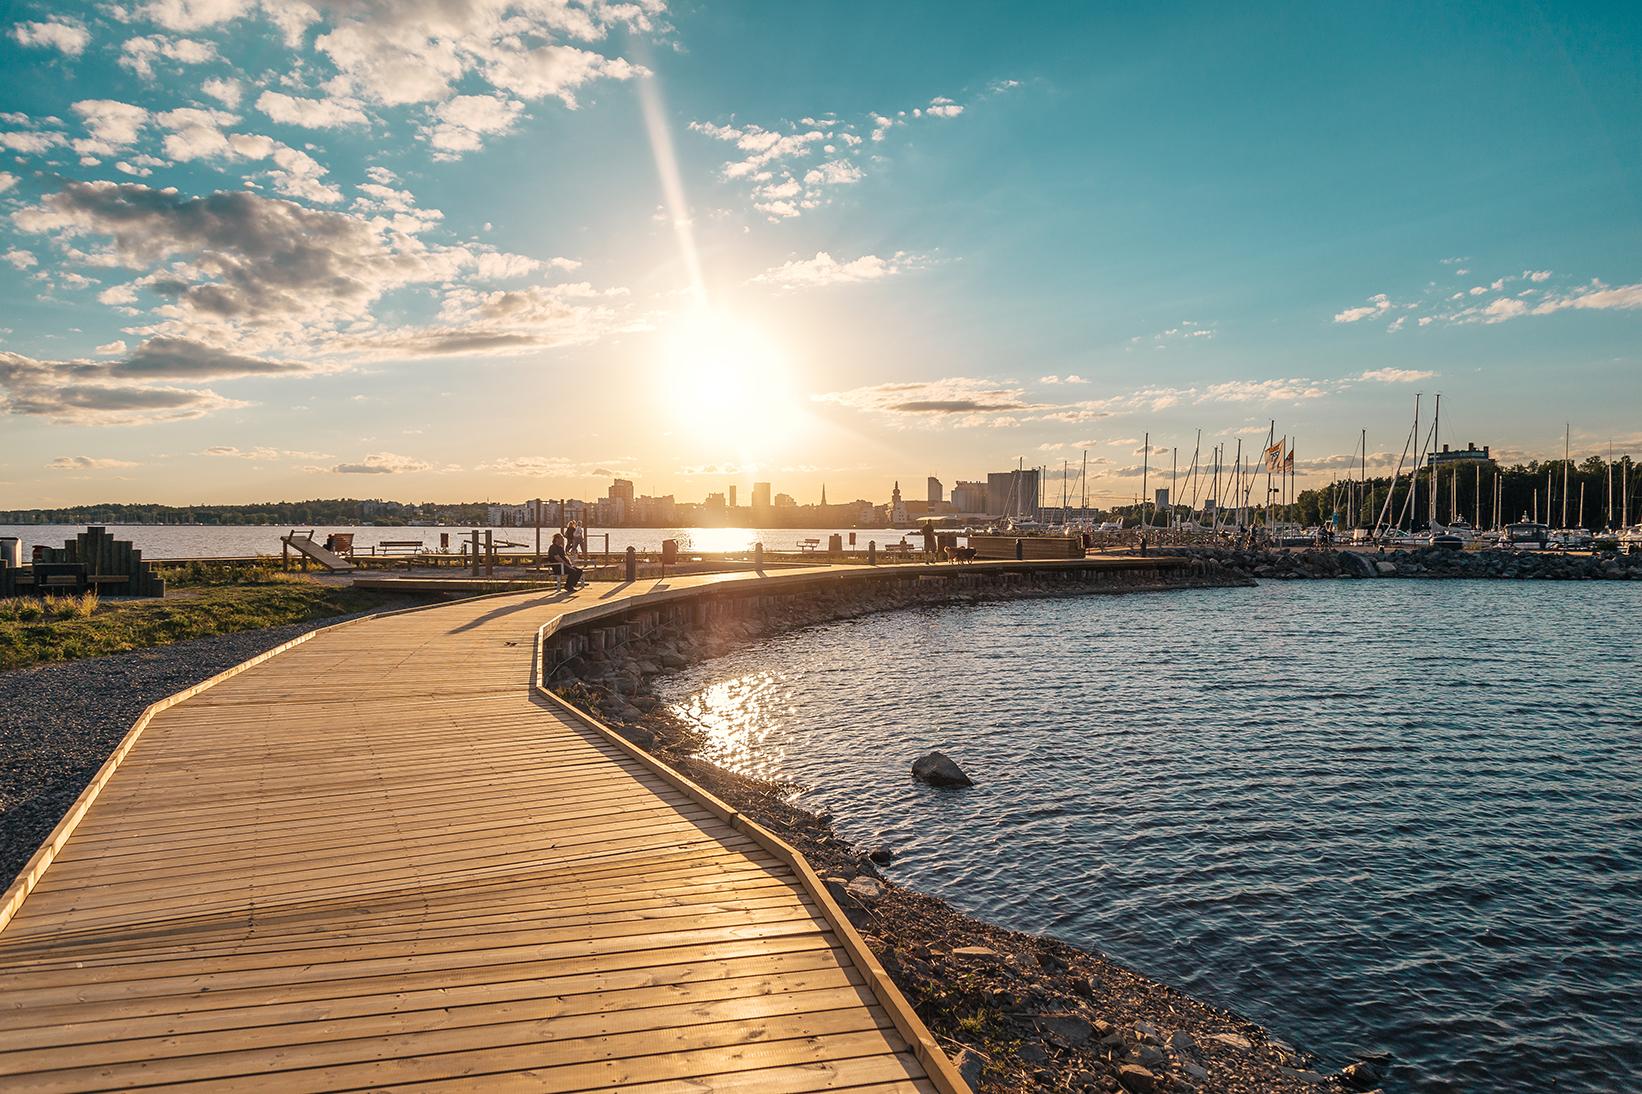 Solnedgång över Mälaren. Fotograf: Avig Photo